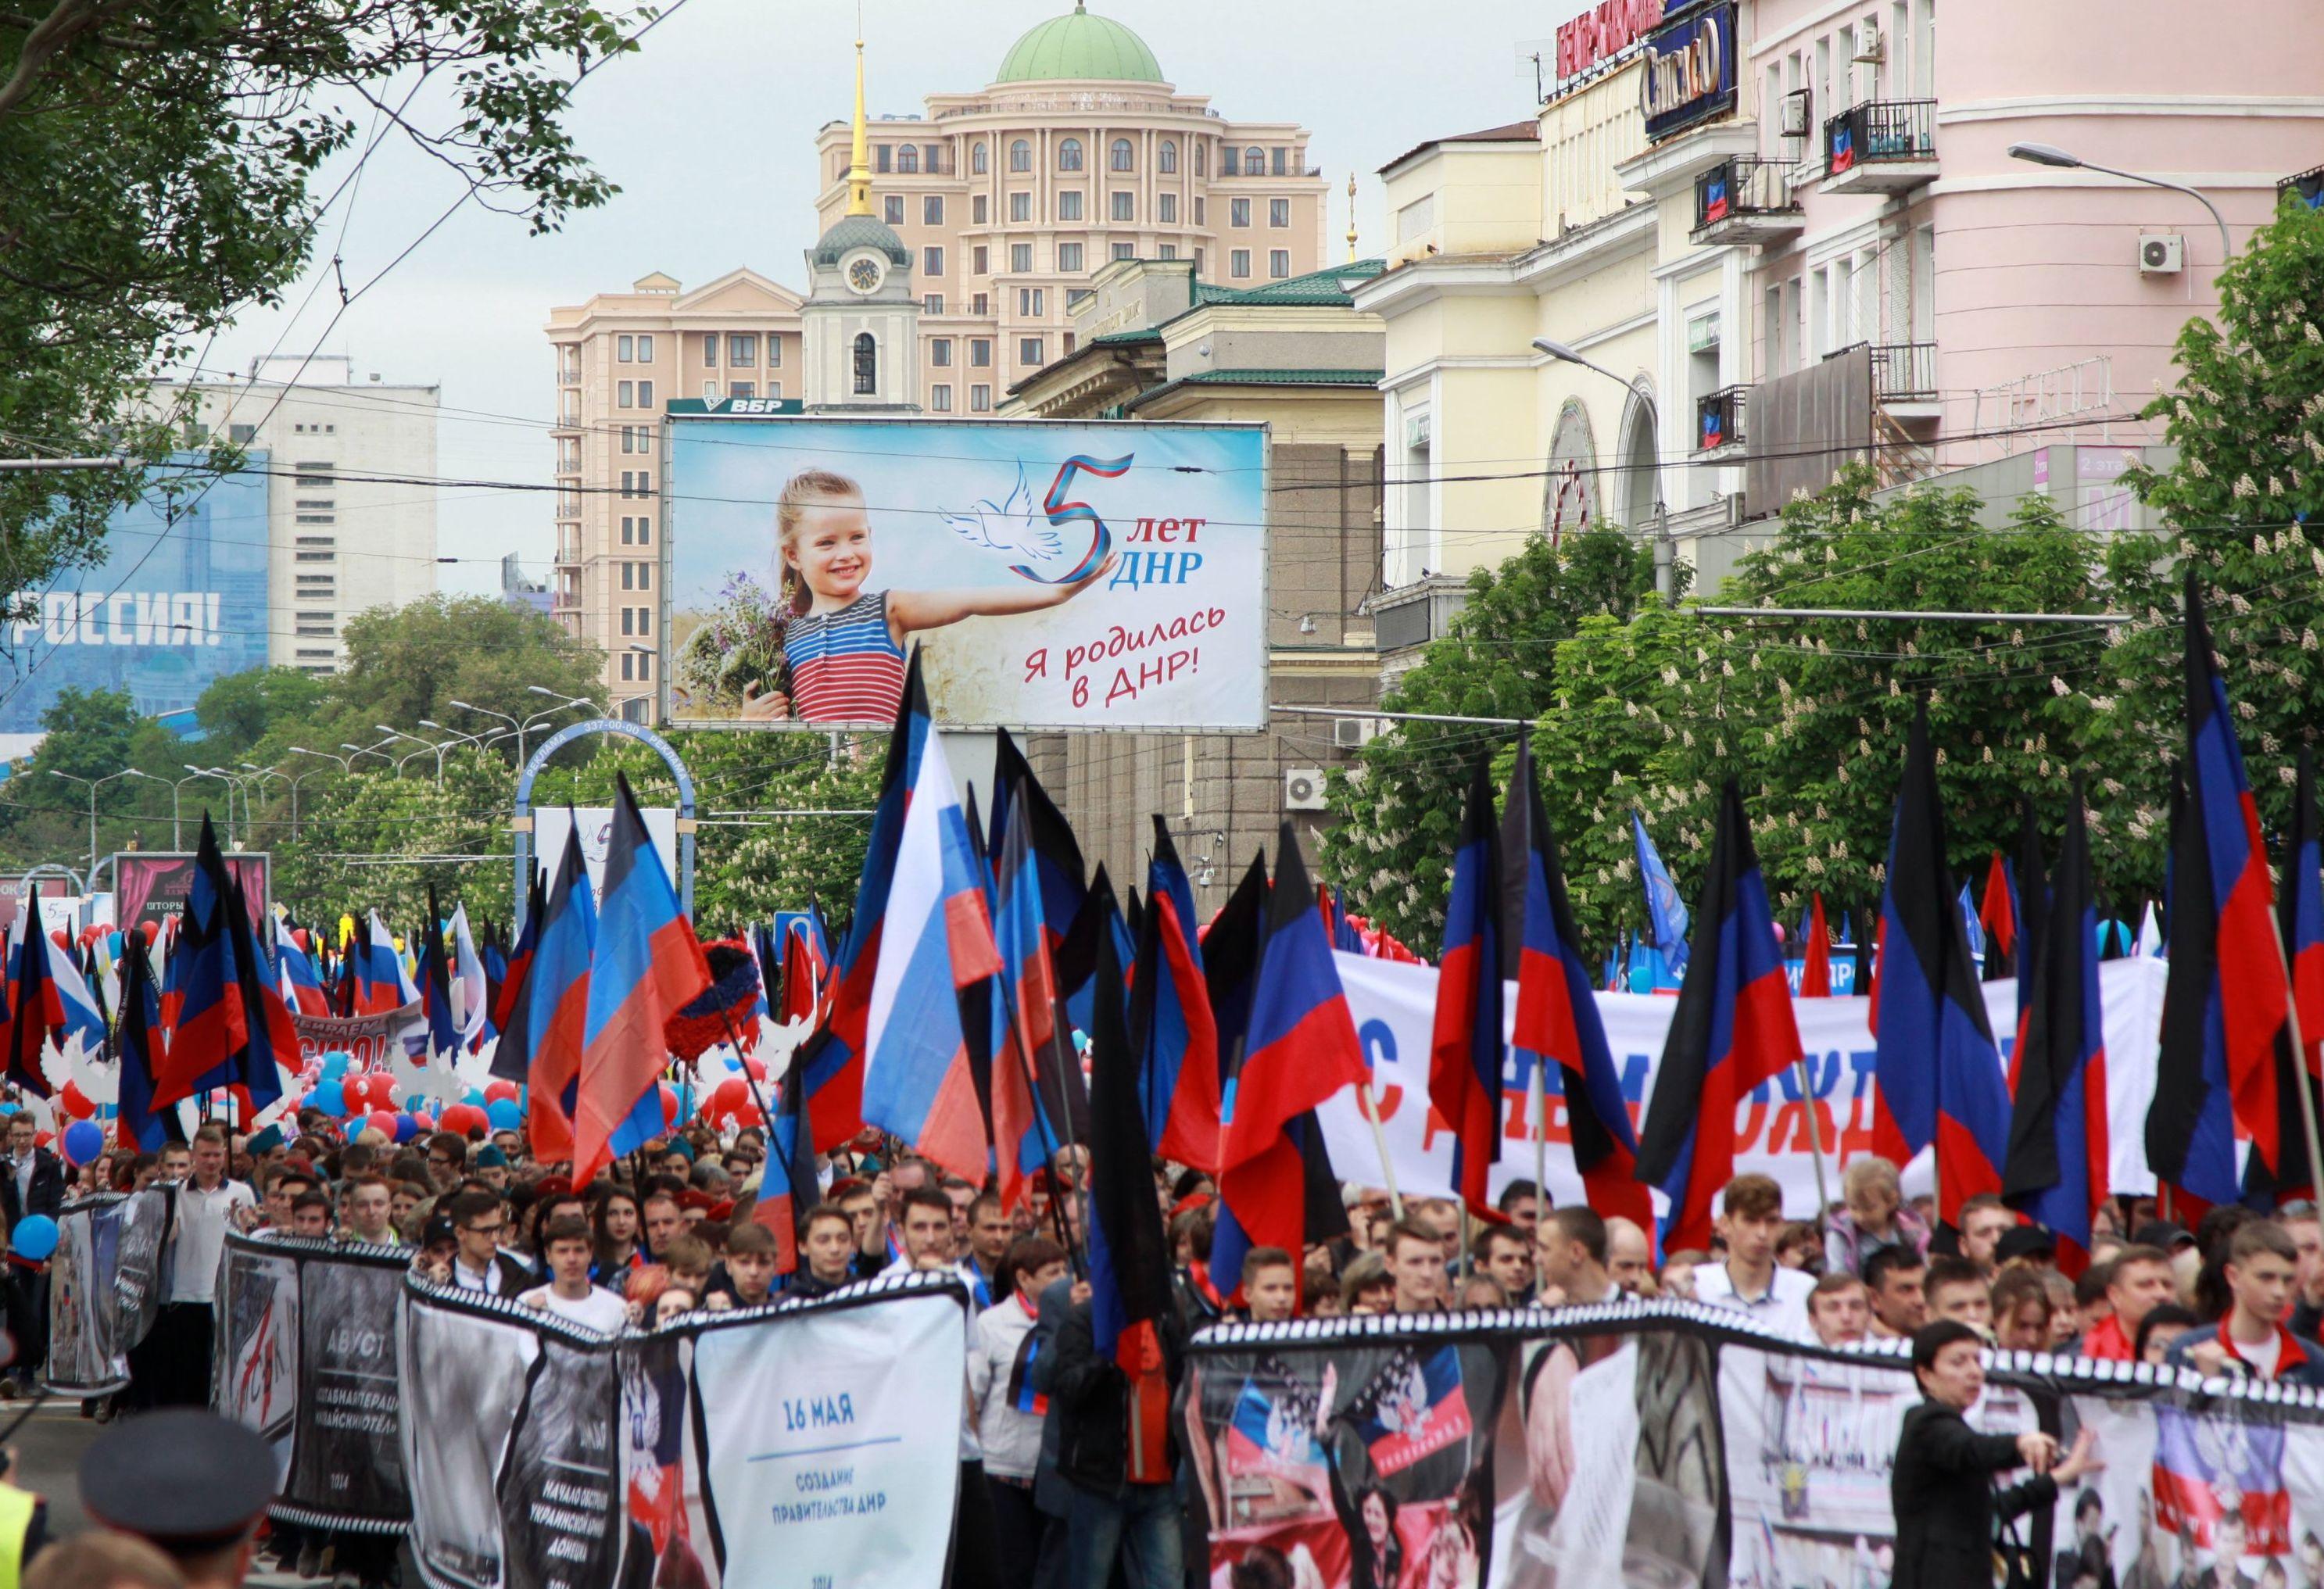 Participantes da marcha durante as celebrações do Dia da República Popular de Donetsk, no quinto aniversário da proclamação da independência